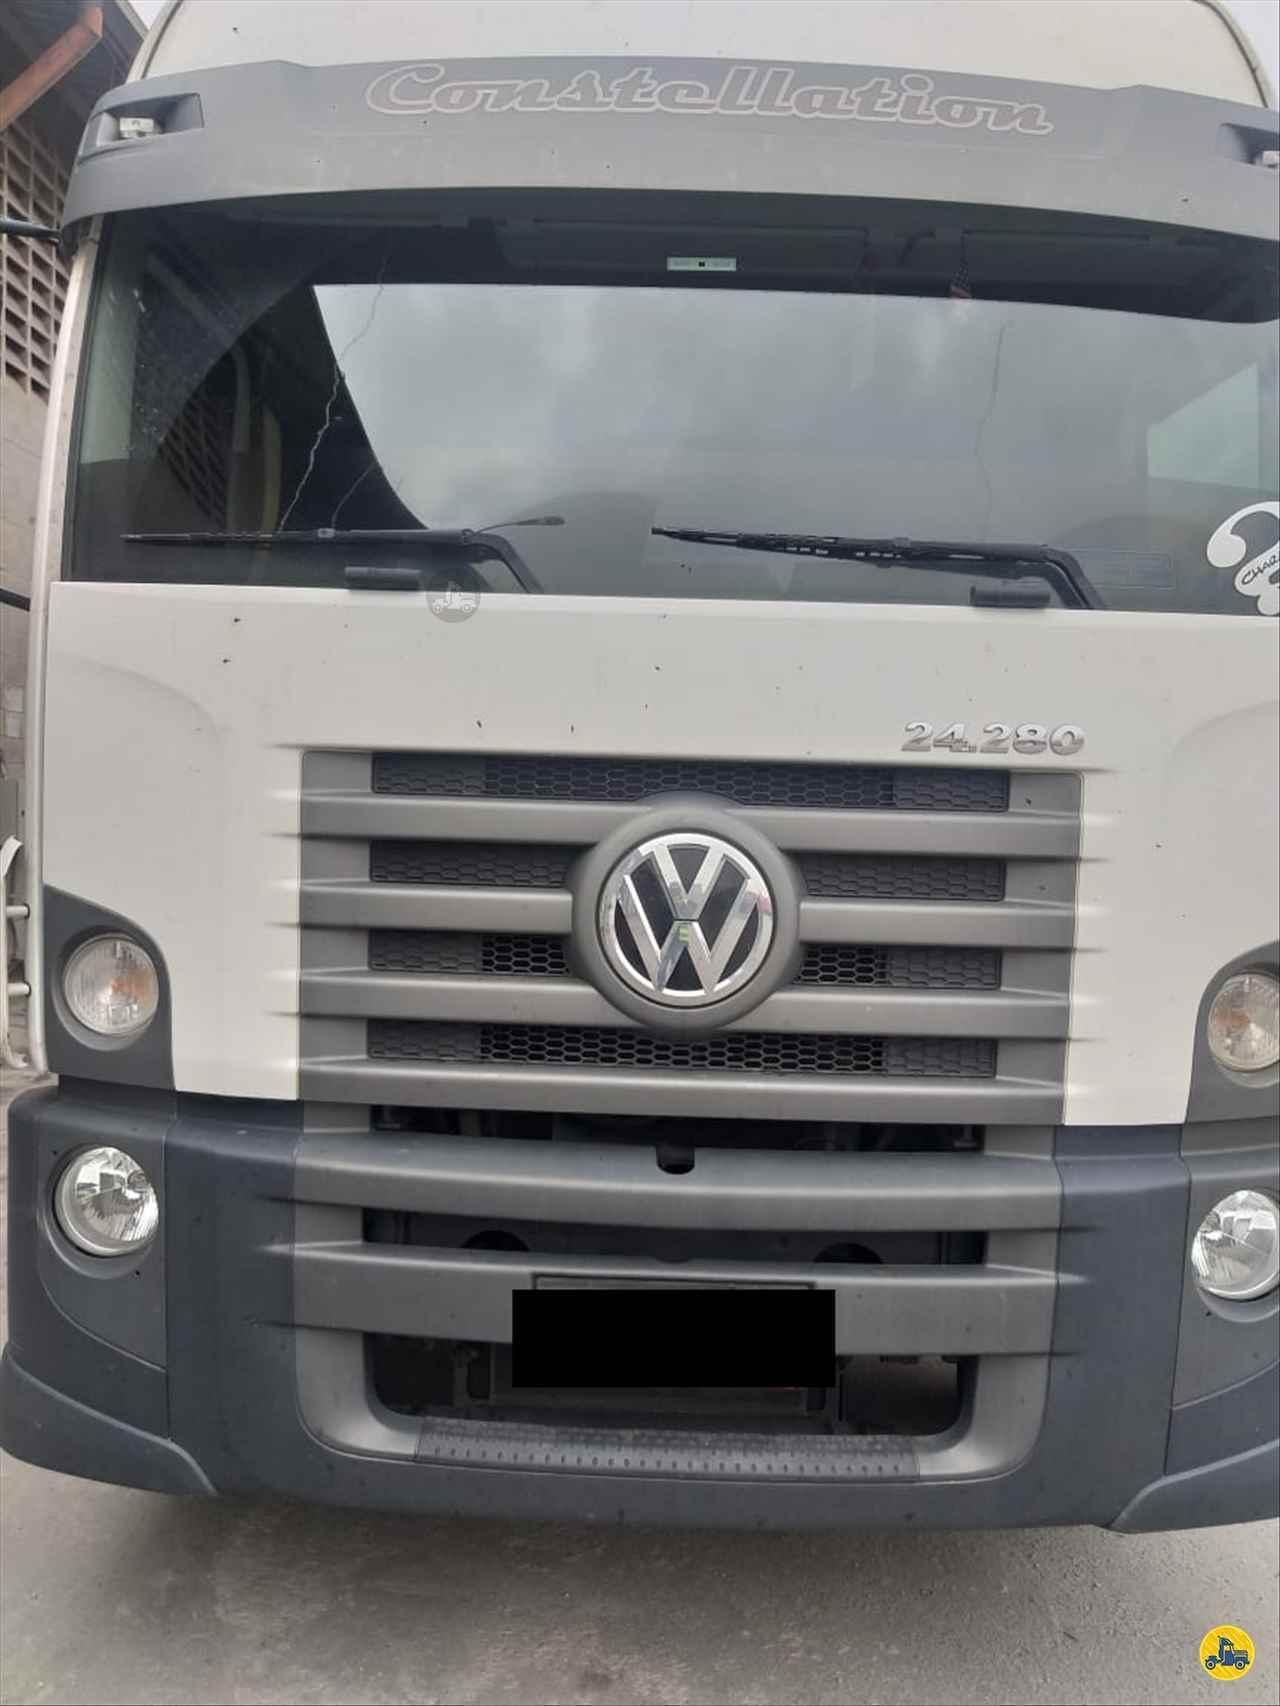 CAMINHAO VOLKSWAGEN VW 24280 Baú Sider Truck 6x2 Wilson Caminhões RIBEIRAO PIRES SÃO PAULO SP